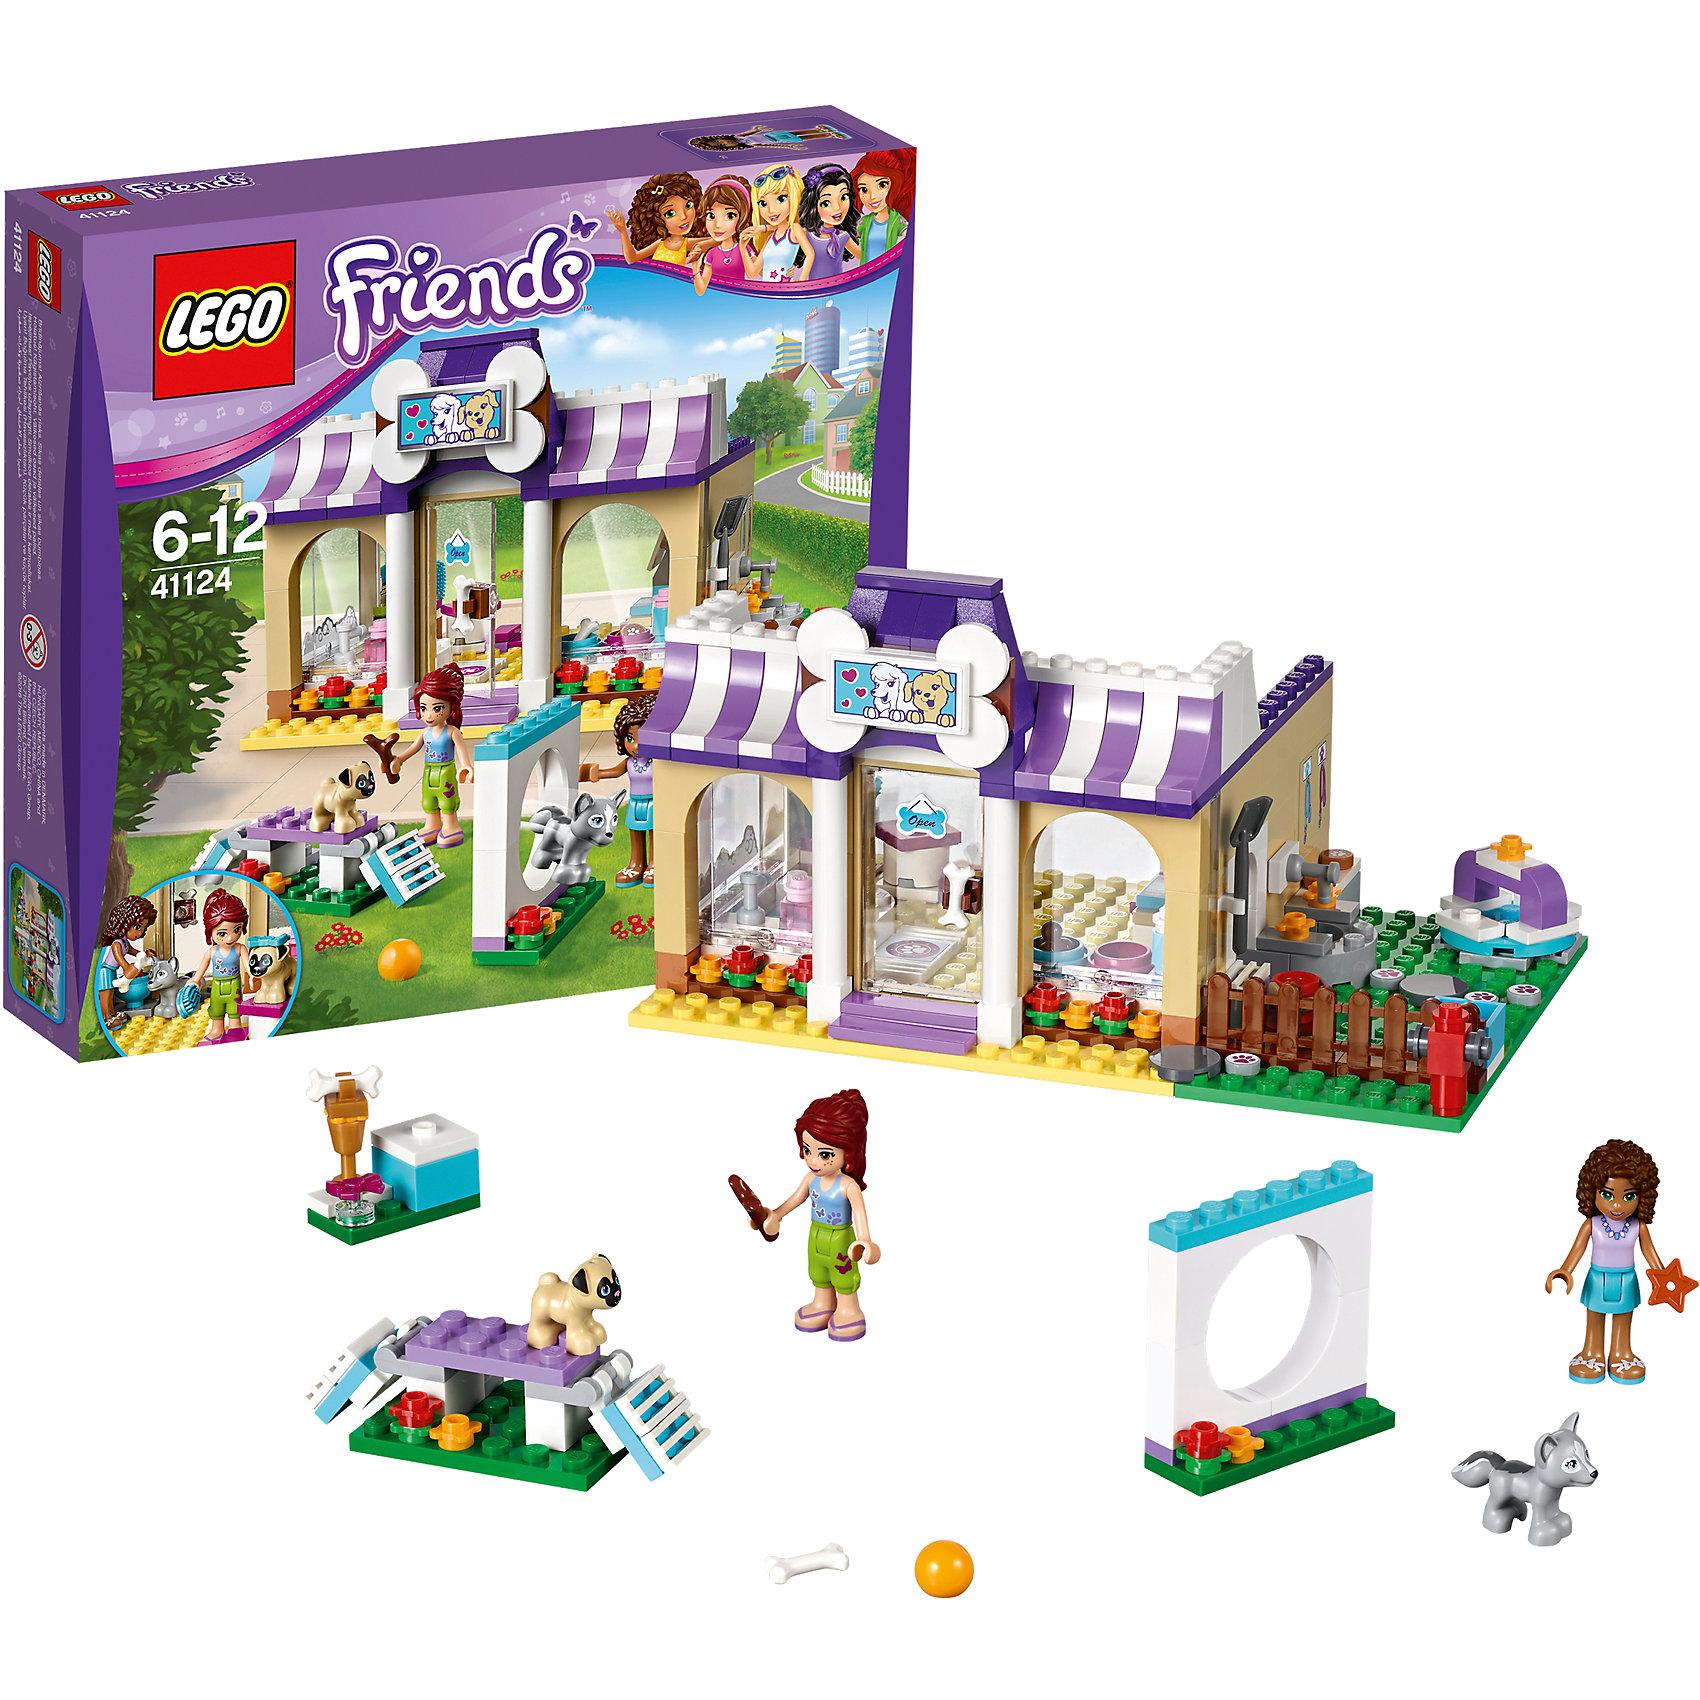 LEGO Friends 41124: Детский сад для щенковКонструкторы из серии LEGO Friends полюбились многим современным девочкам, поэтому набор Лего, из которого можно собрать разные сюжеты про героев и её приключения, обязательно порадует ребенка. Такие игрушки помогают детям развивать воображение, мелкую моторику, логику и творческое мышление.<br>Набор состоит из множества деталей, с помощью которых можно  собрать декорации для игр, а также в нем есть фигурки любимых персонажей! С таким комплектом можно придумать множество игр!<br><br>Дополнительная информация:<br><br>цвет: разноцветный;<br>размер коробки: 28 x 28 x 5 см;<br>вес: 500 г;<br>материал: пластик;<br>количество деталей: 286.<br><br>Набор Детский сад для щенков от бренда LEGO Friends можно купить в нашем магазине.<br><br>Ширина мм: 281<br>Глубина мм: 261<br>Высота мм: 60<br>Вес г: 498<br>Возраст от месяцев: 72<br>Возраст до месяцев: 144<br>Пол: Женский<br>Возраст: Детский<br>SKU: 4641216